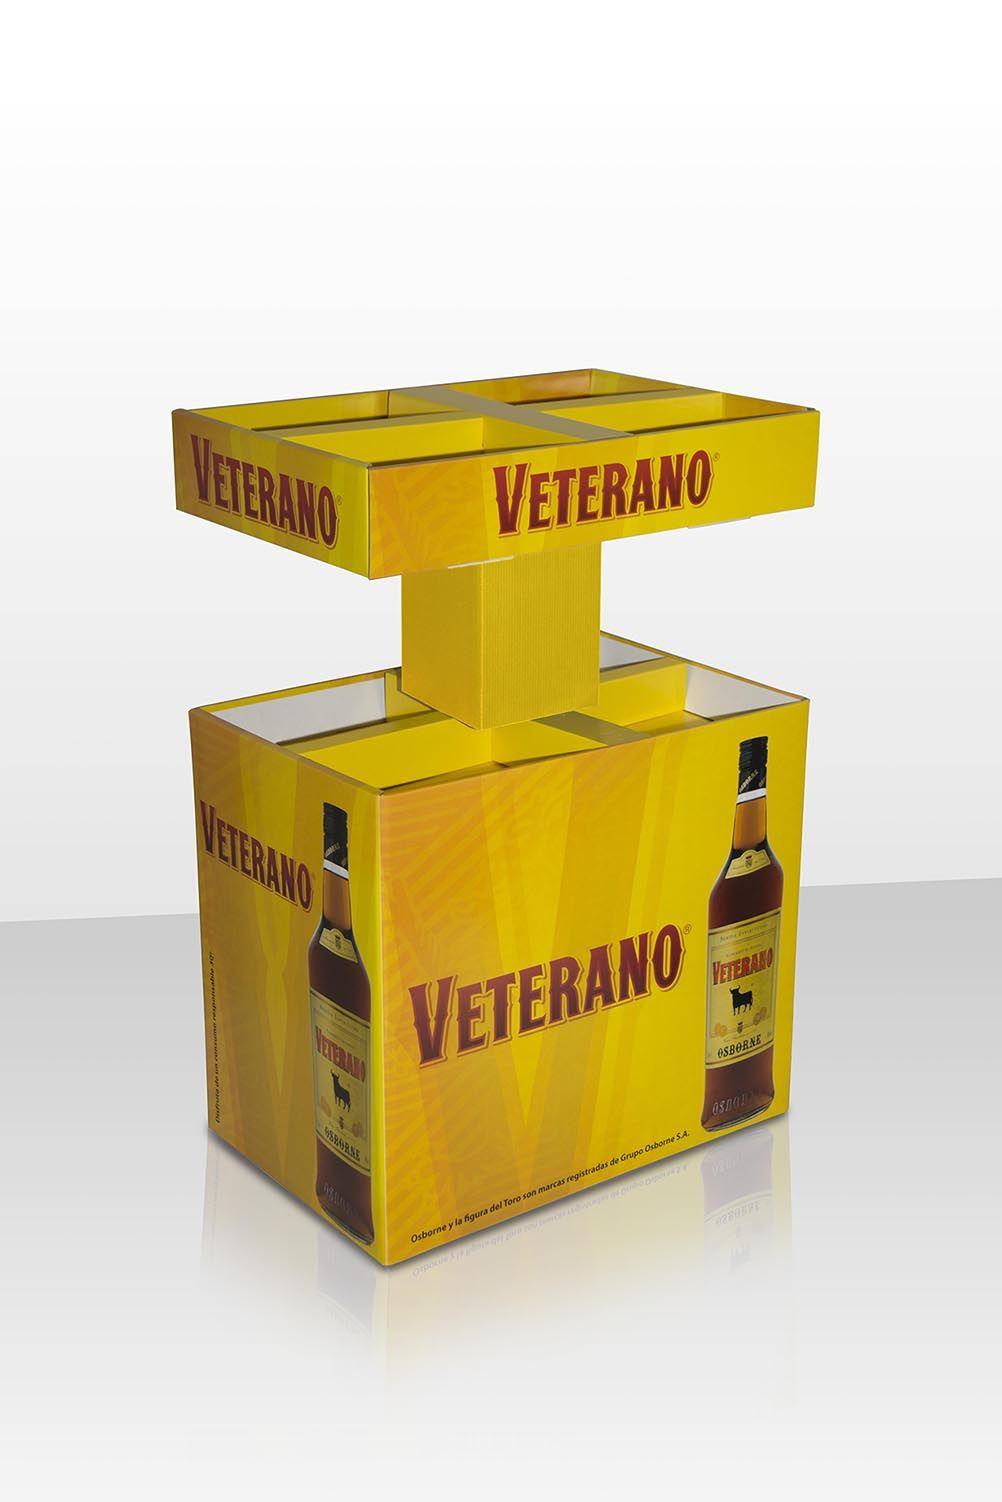 Box Veterano Fabrica De Cajas Cajas Estuche